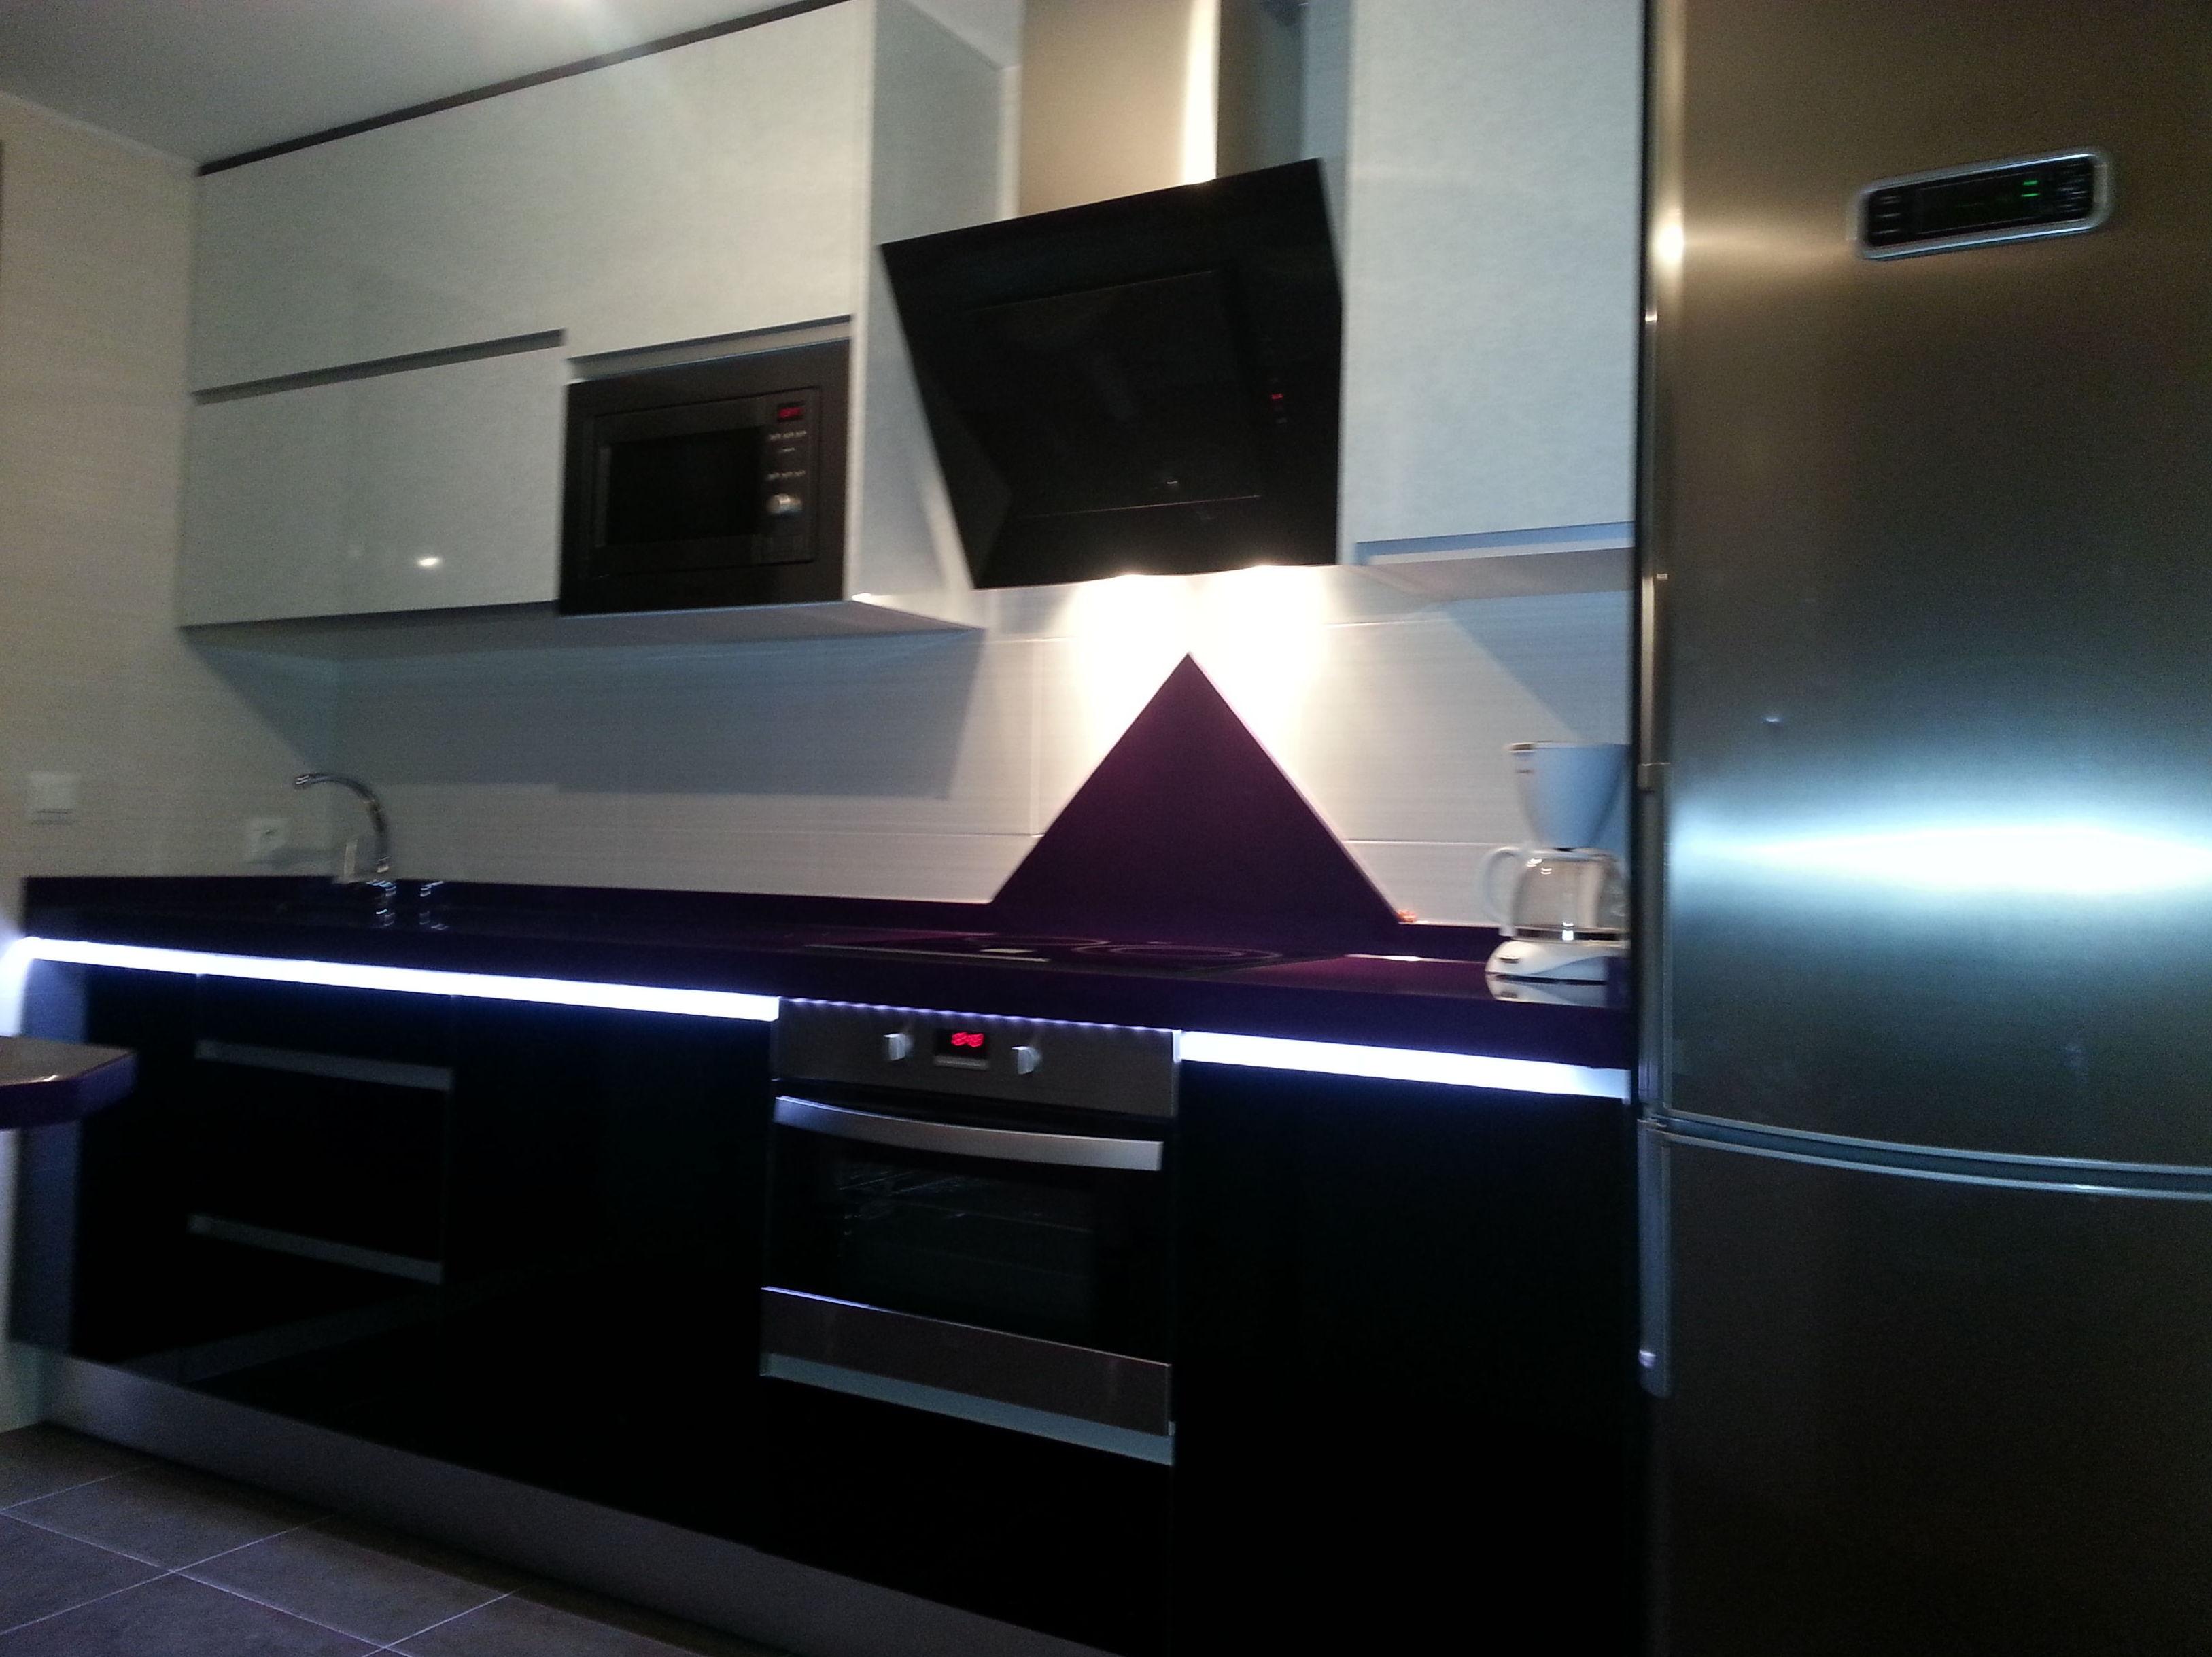 Muebles de cocina baratos en ciudad lineal madrid - Muebles de cocina baratos en valencia ...